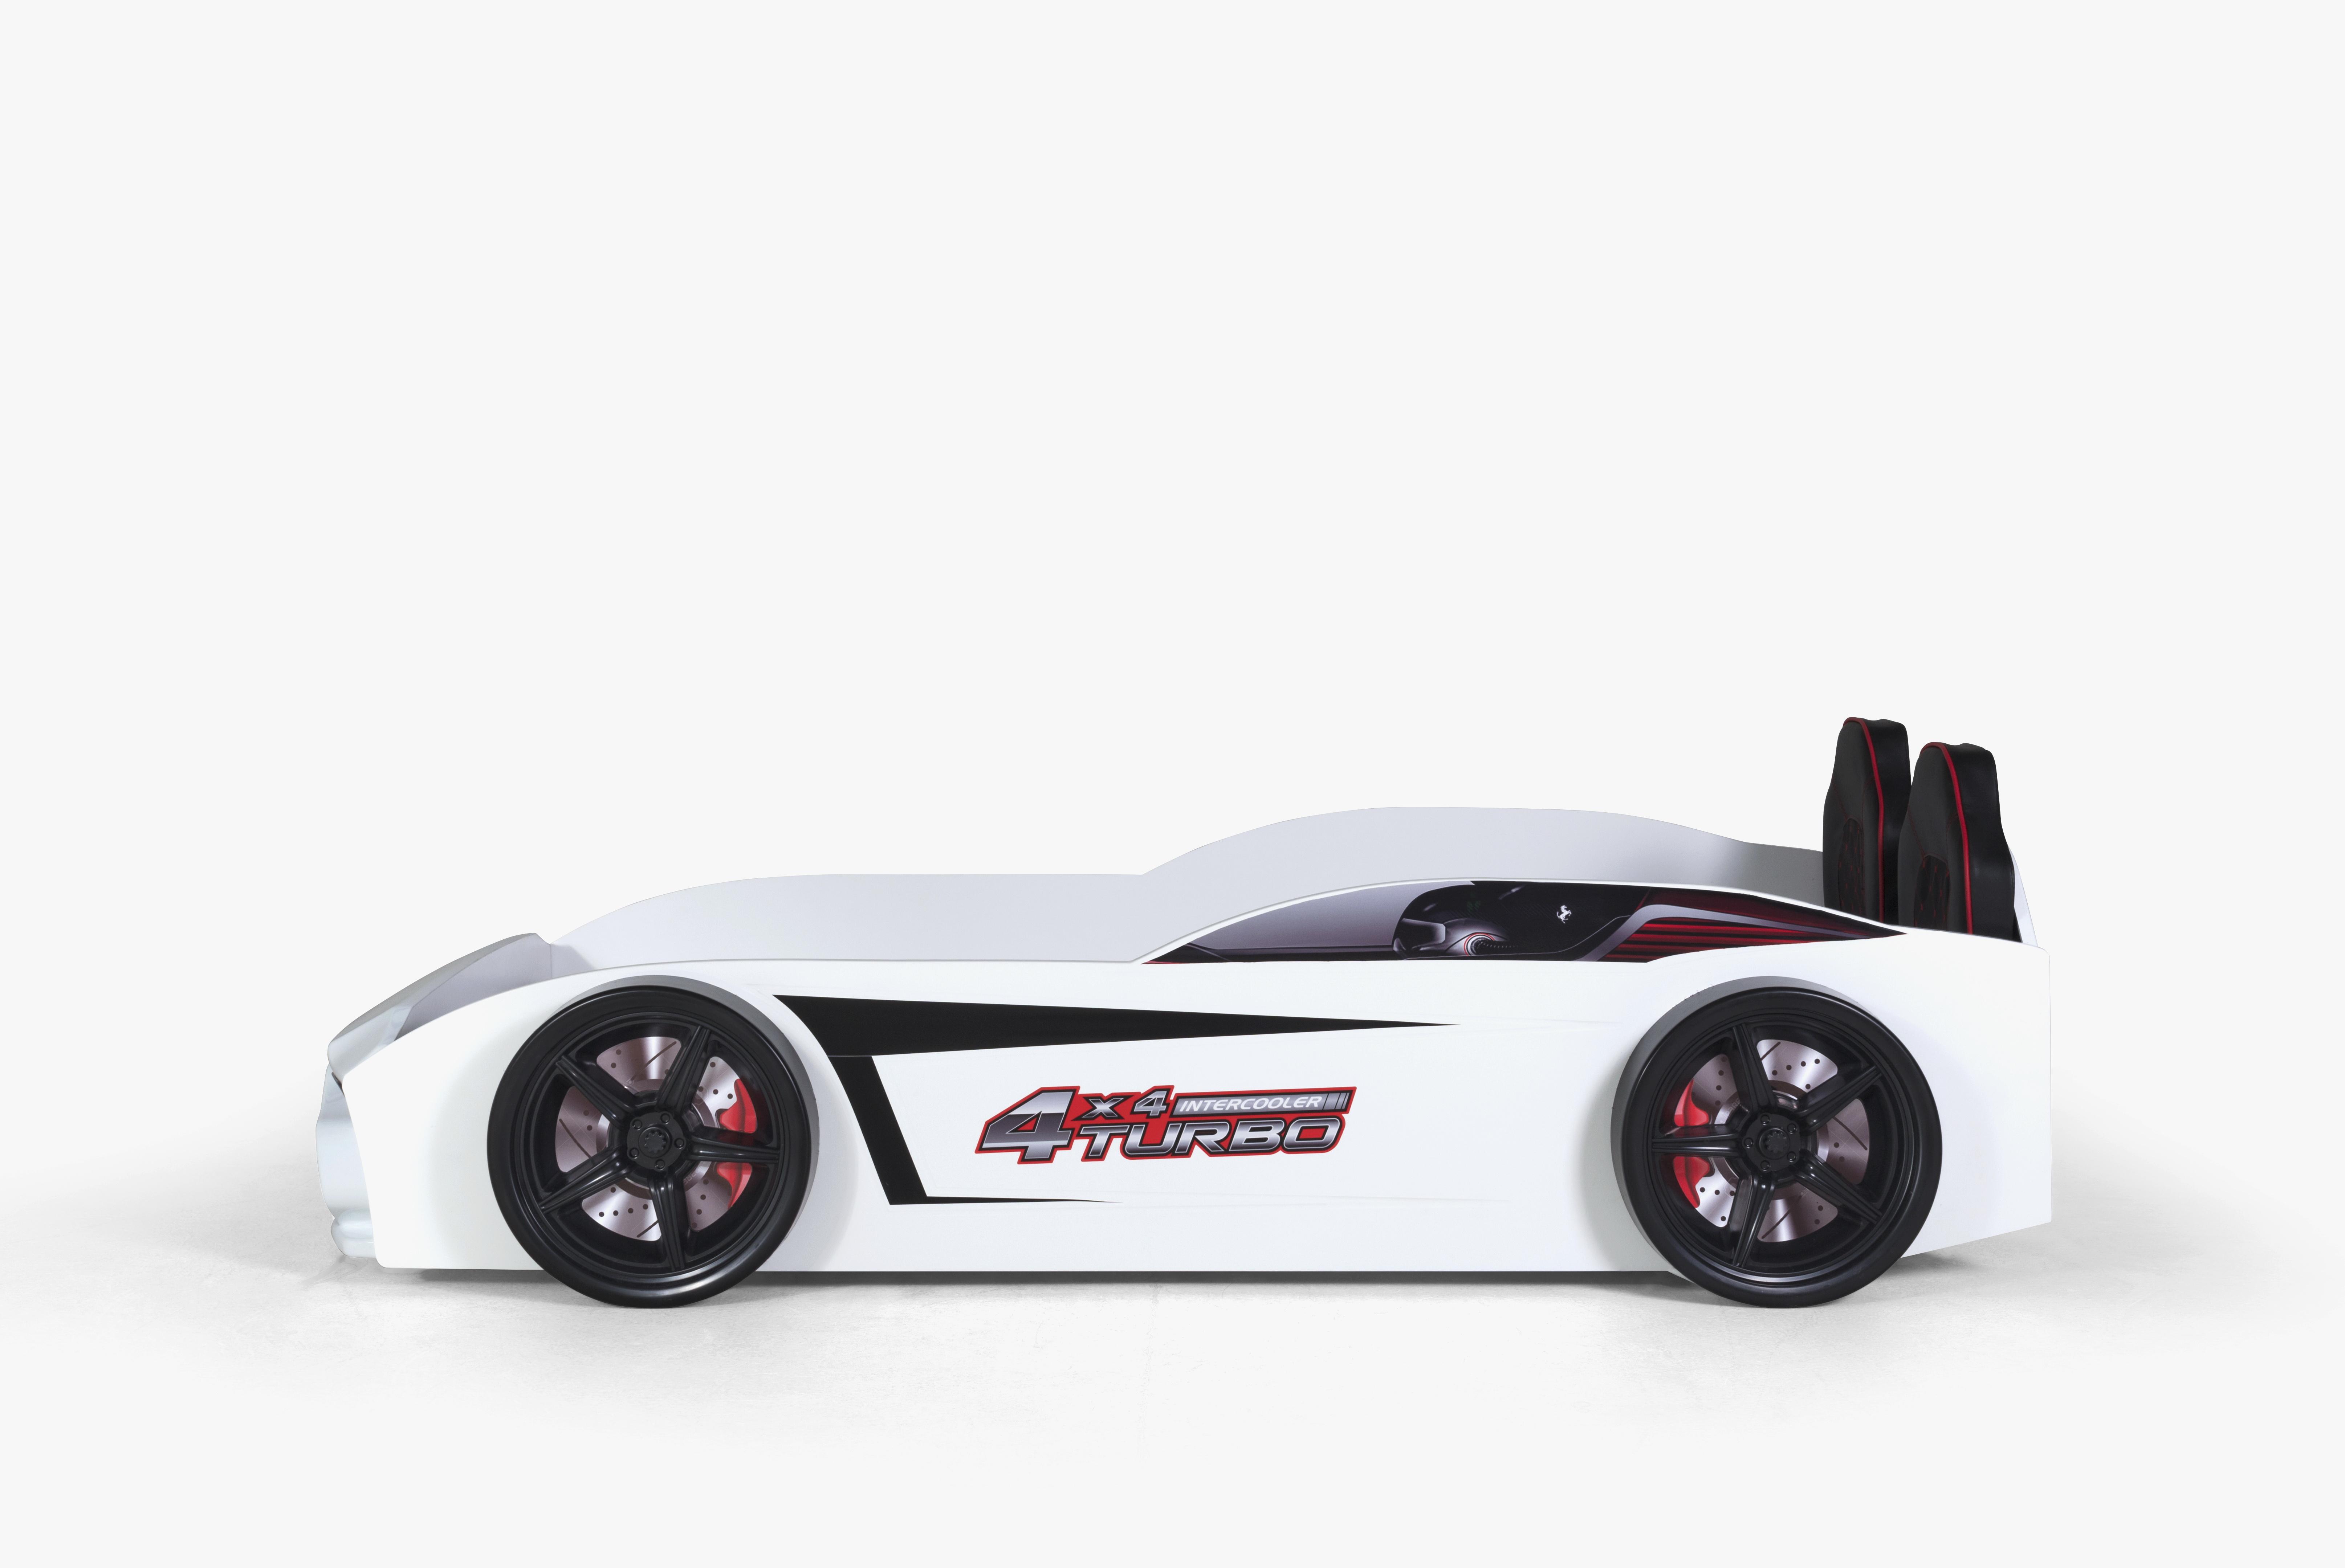 Kinder Autobett GT18 Turbo 4x4 in Weiß